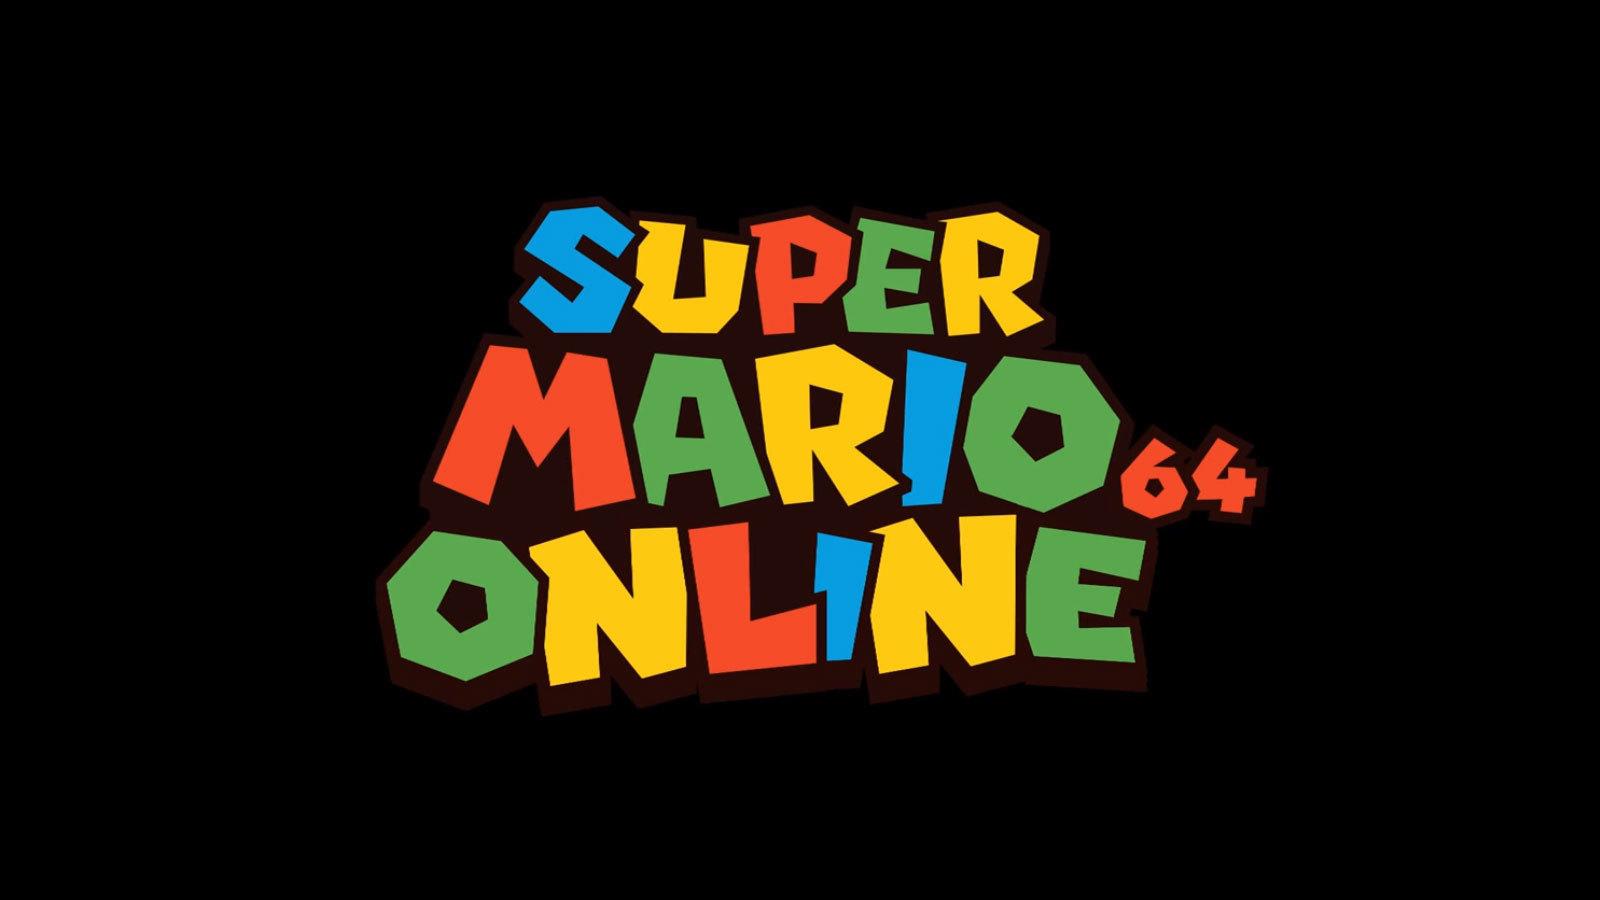 Super Mario 64 diventa multiplayer grazie agli appassionati